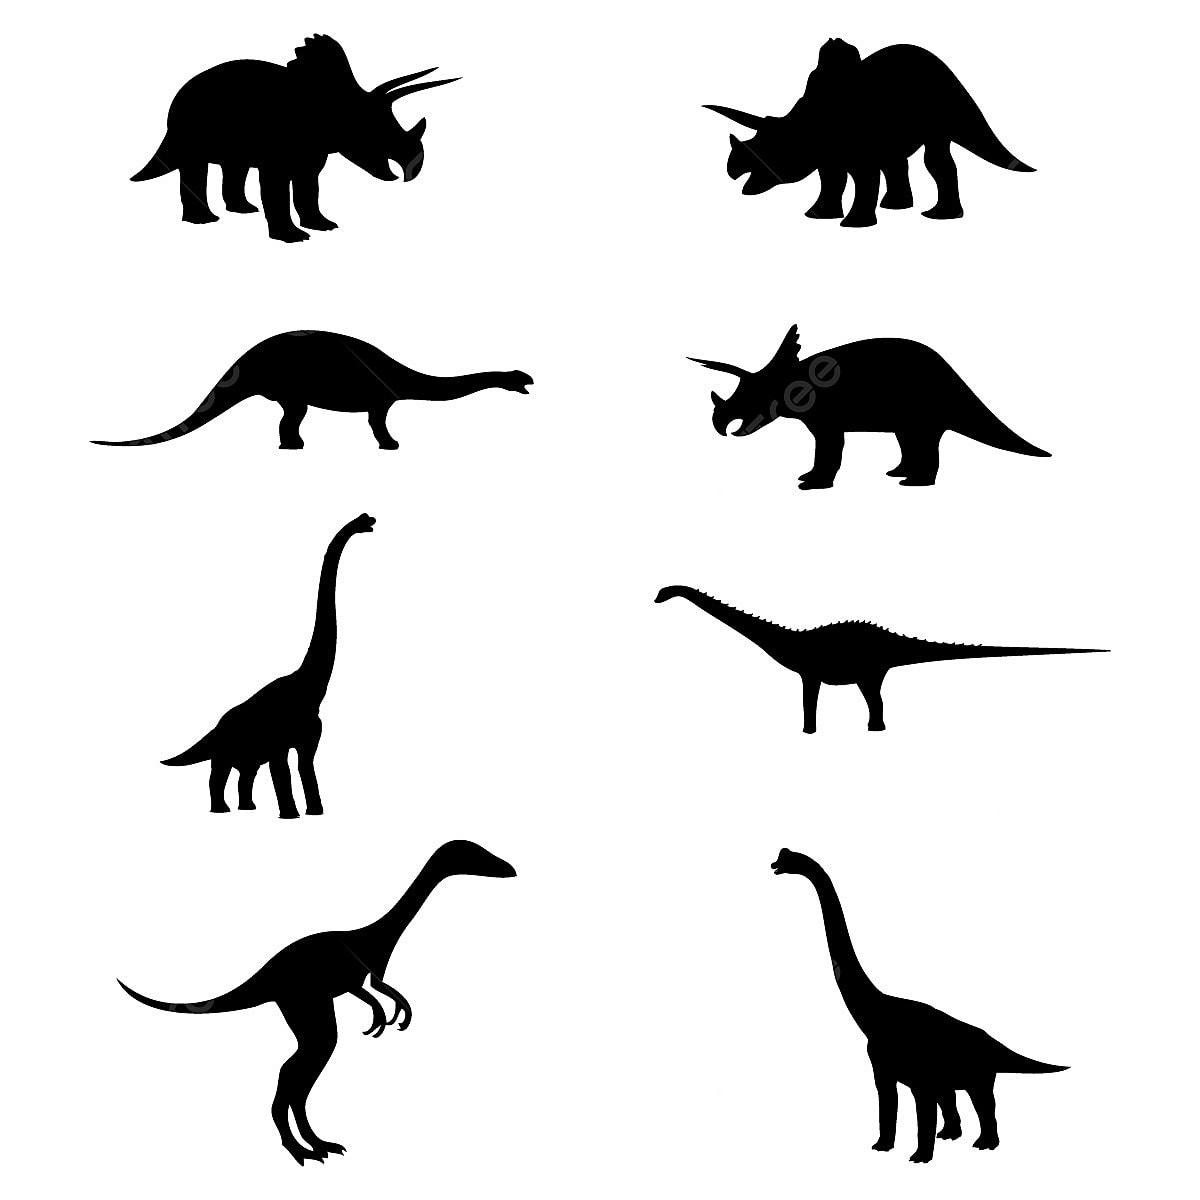 dinosaur silhouette ancien animal brachiosaurus png et vecteur pour t u00e9l u00e9chargement gratuit